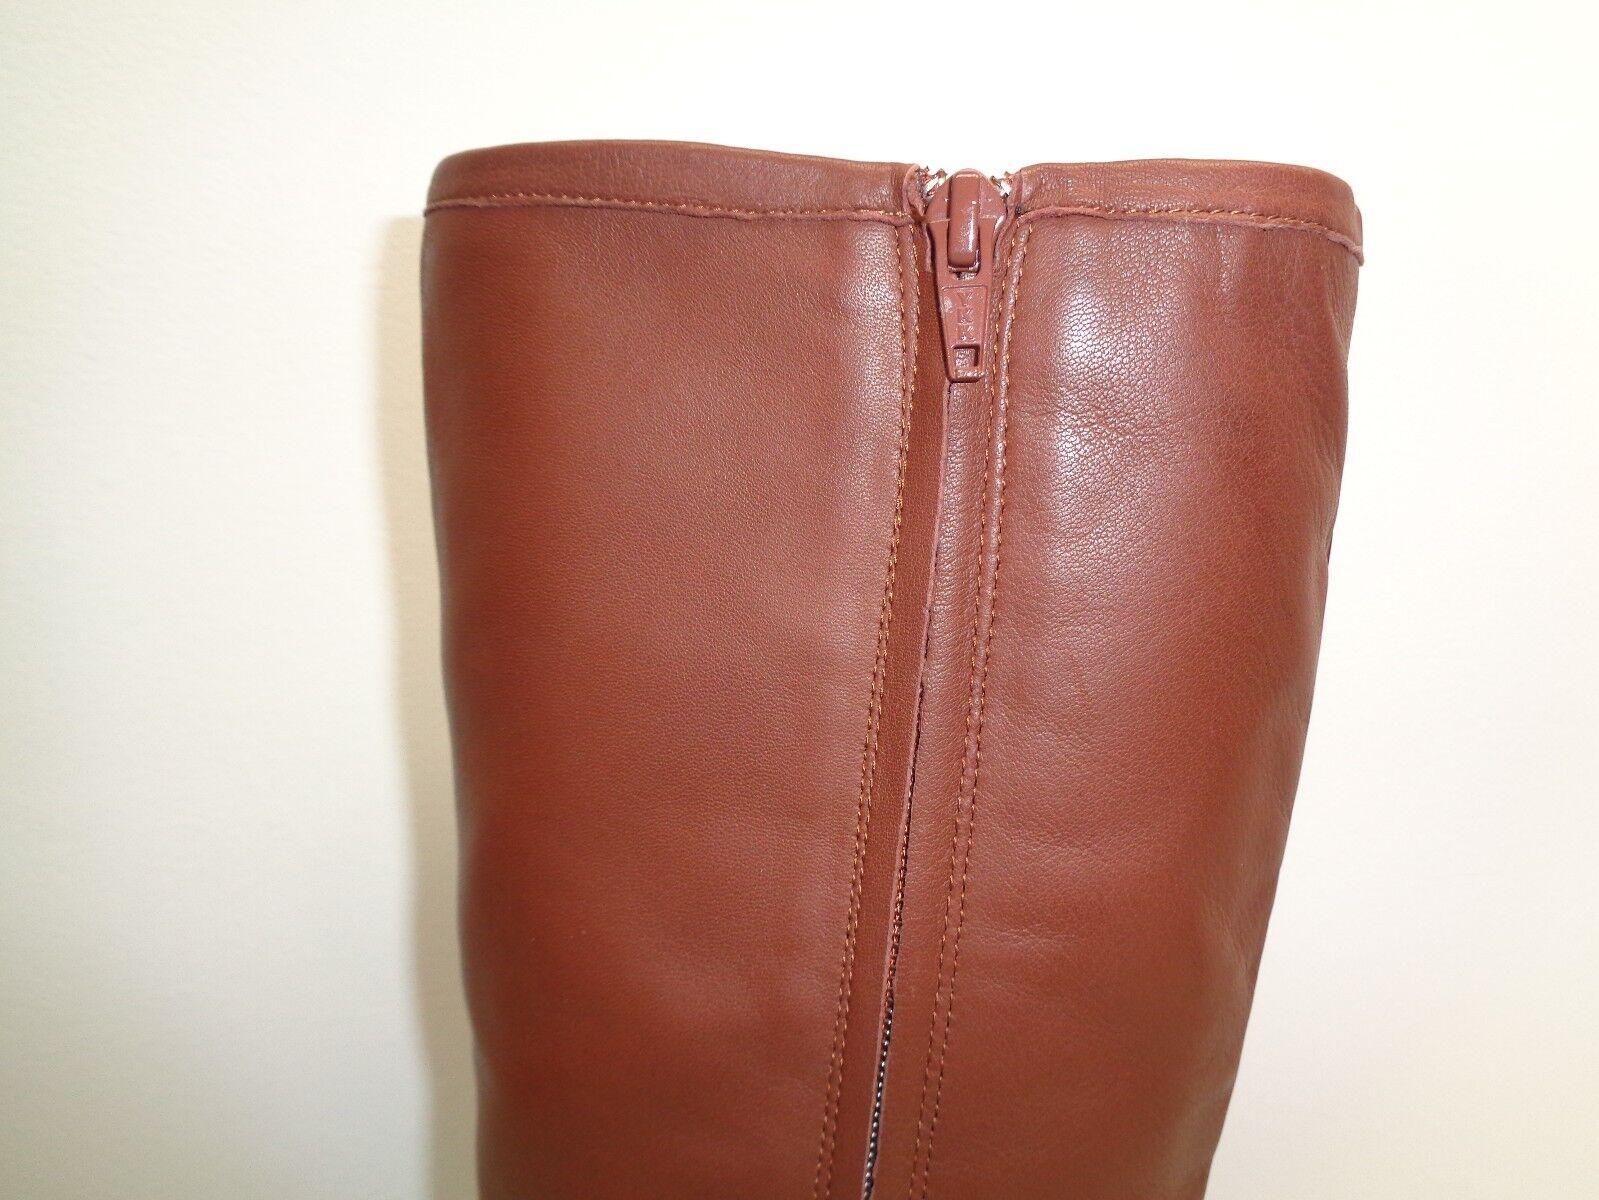 Antonio Melani Größe 6.5 M PERCY Braun Leder Knee High Stiefel NEU Damenschuhe Schuhes